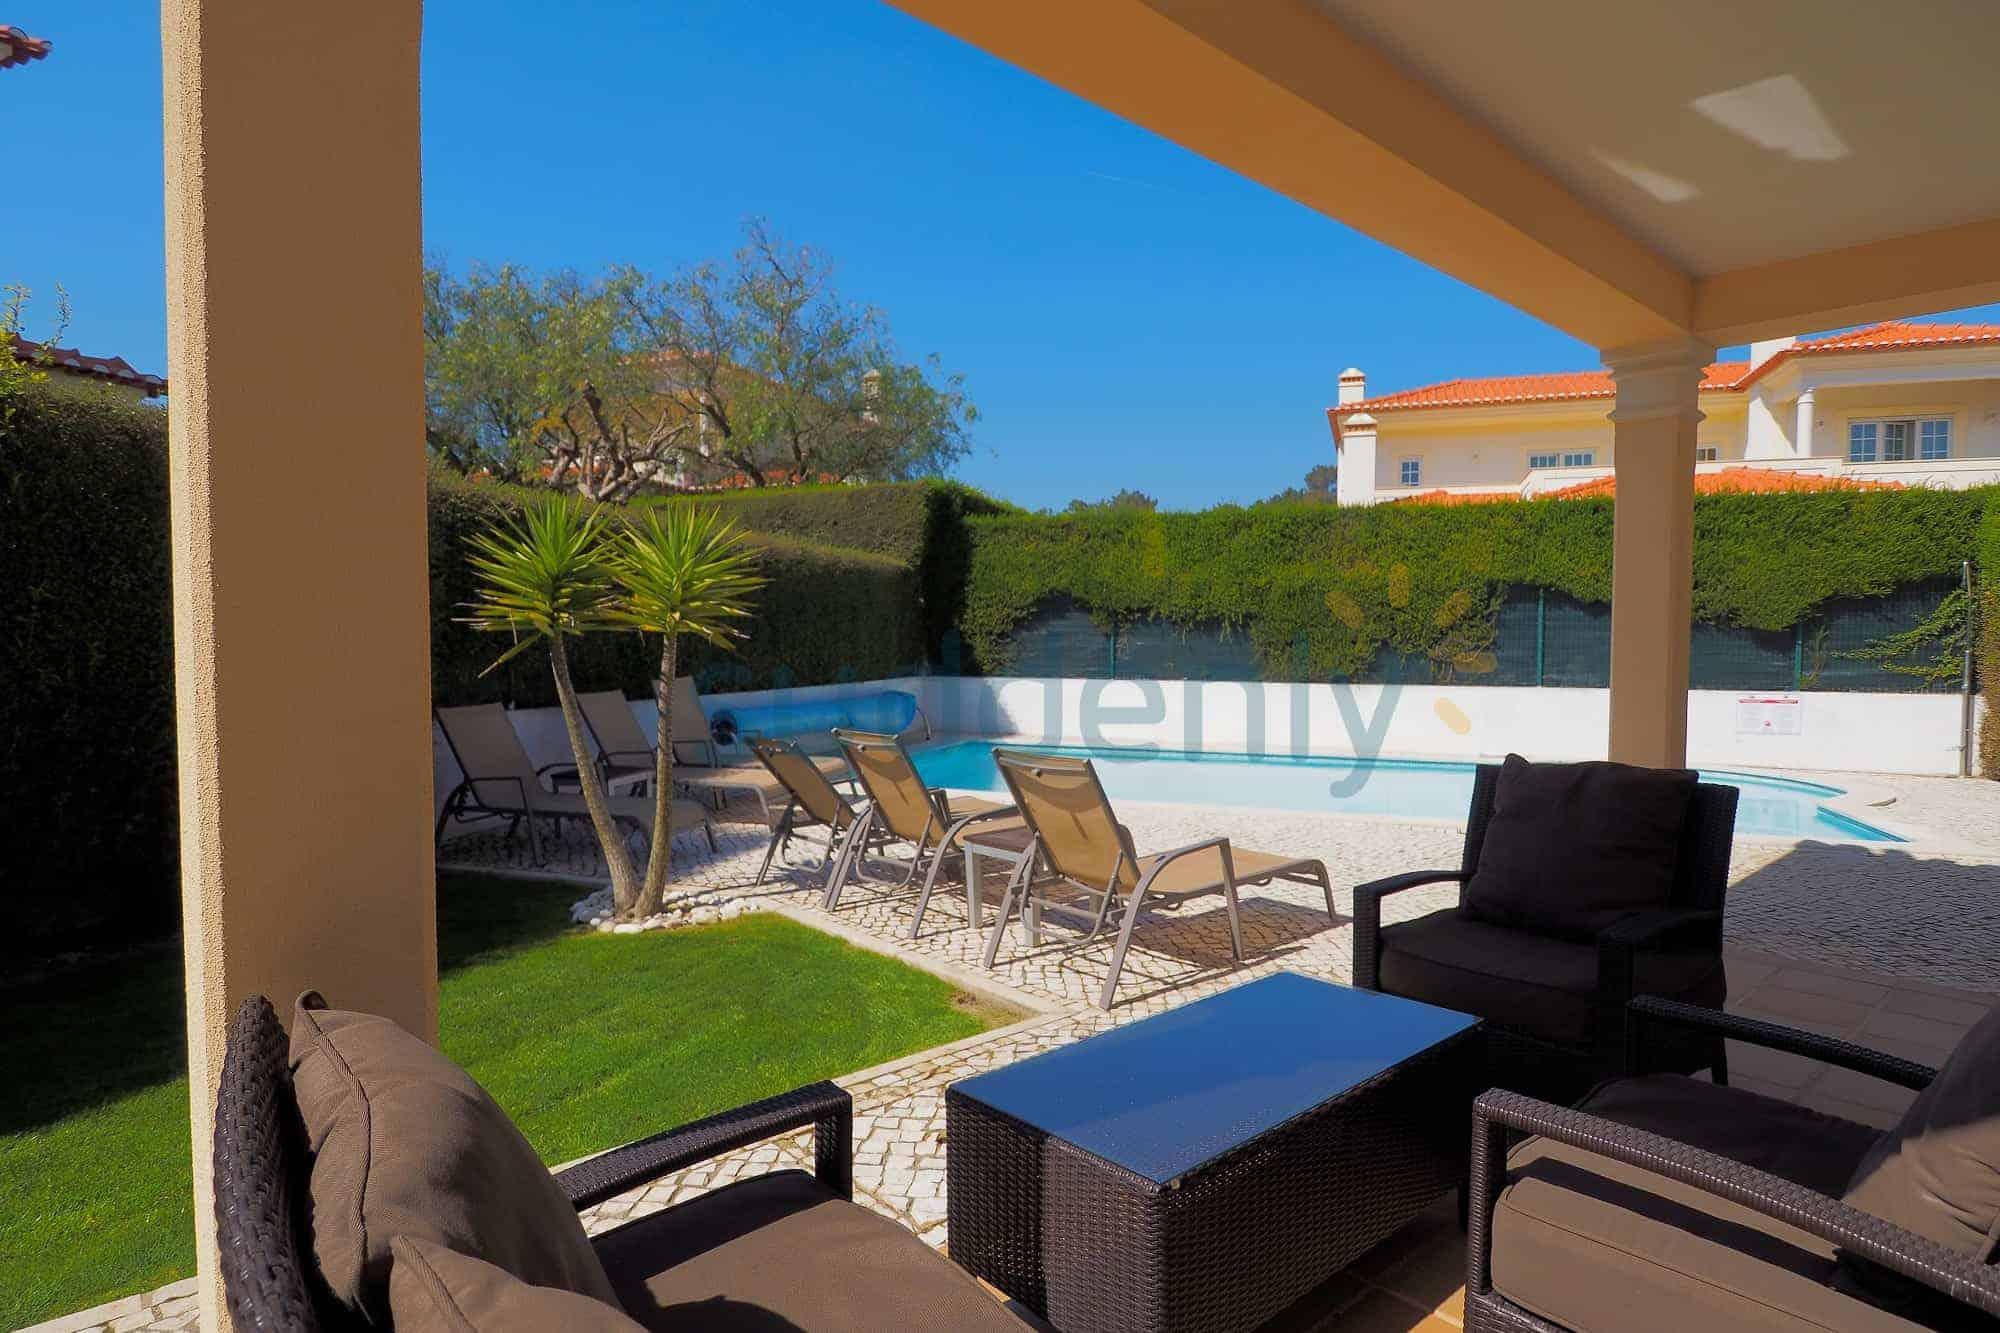 Holiday Rentals in Praia D'El Rey 13